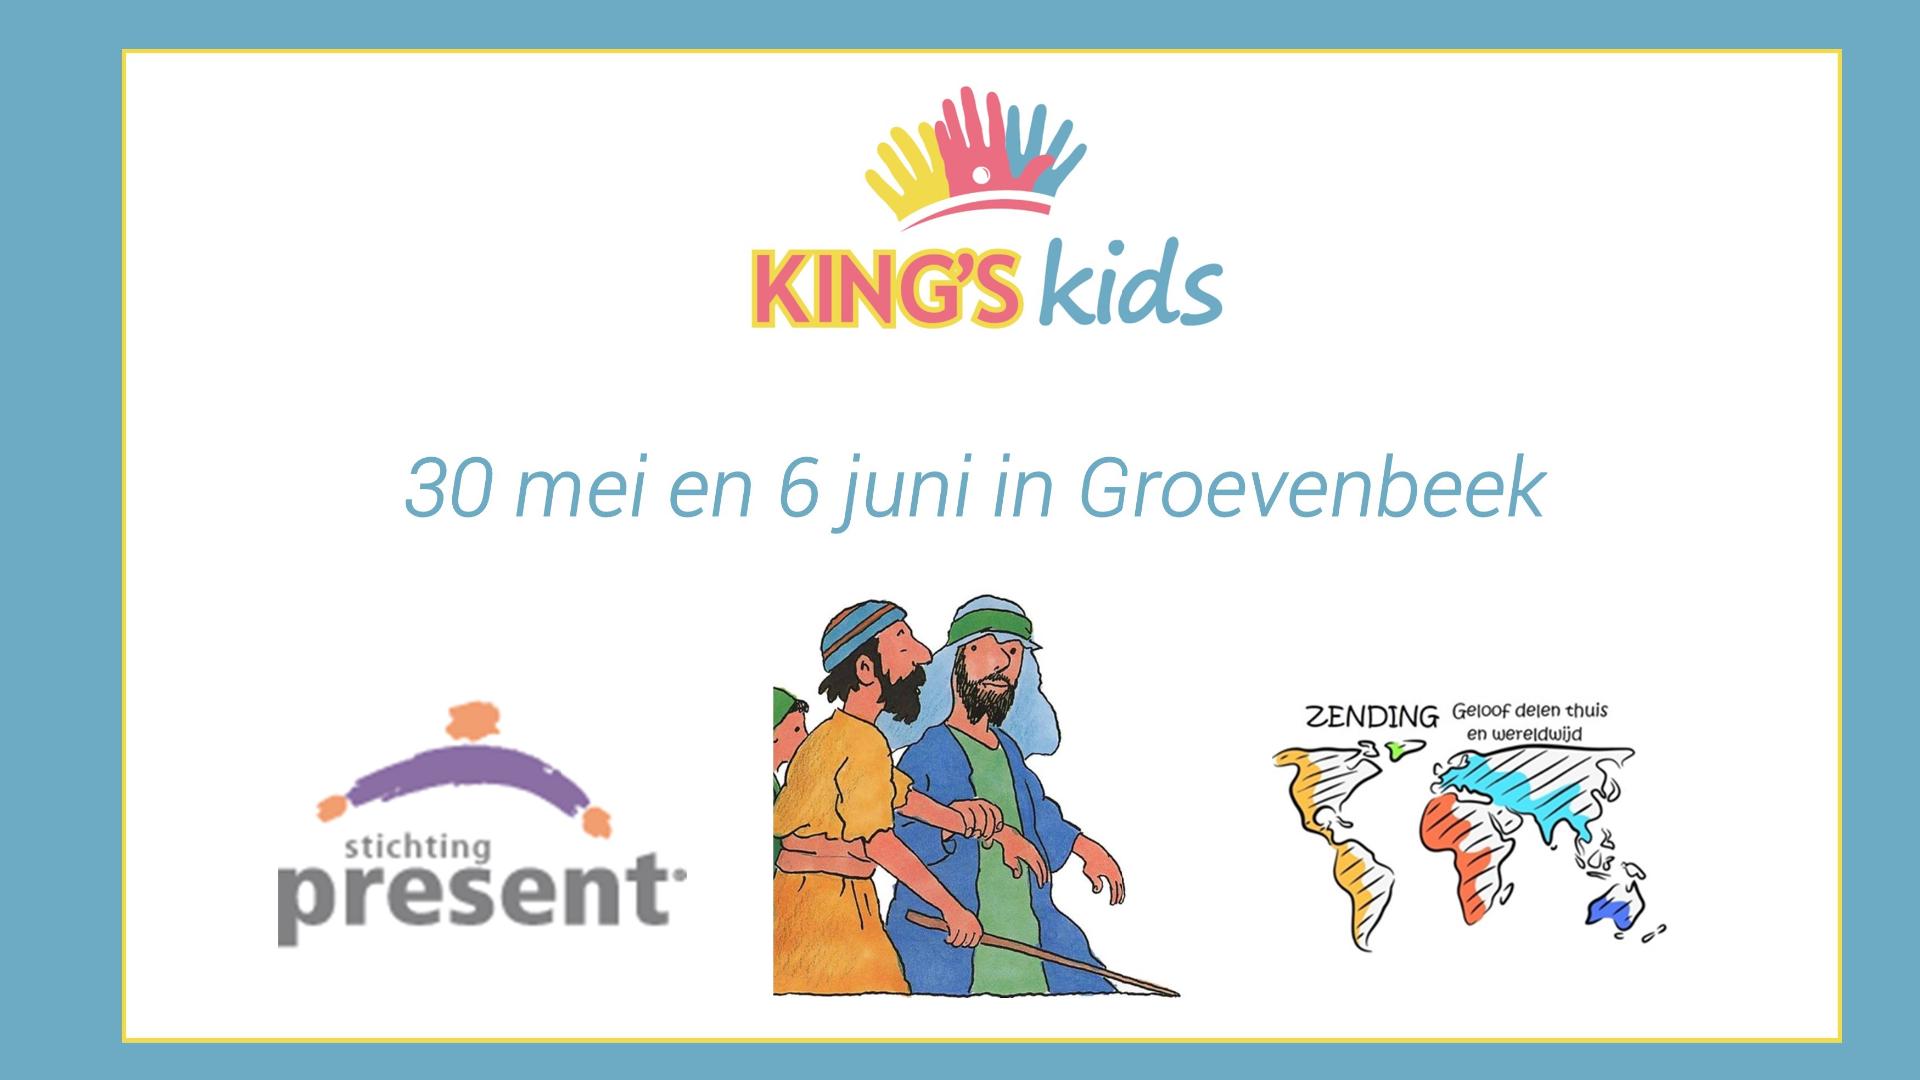 Kings Kids Kinderdienst